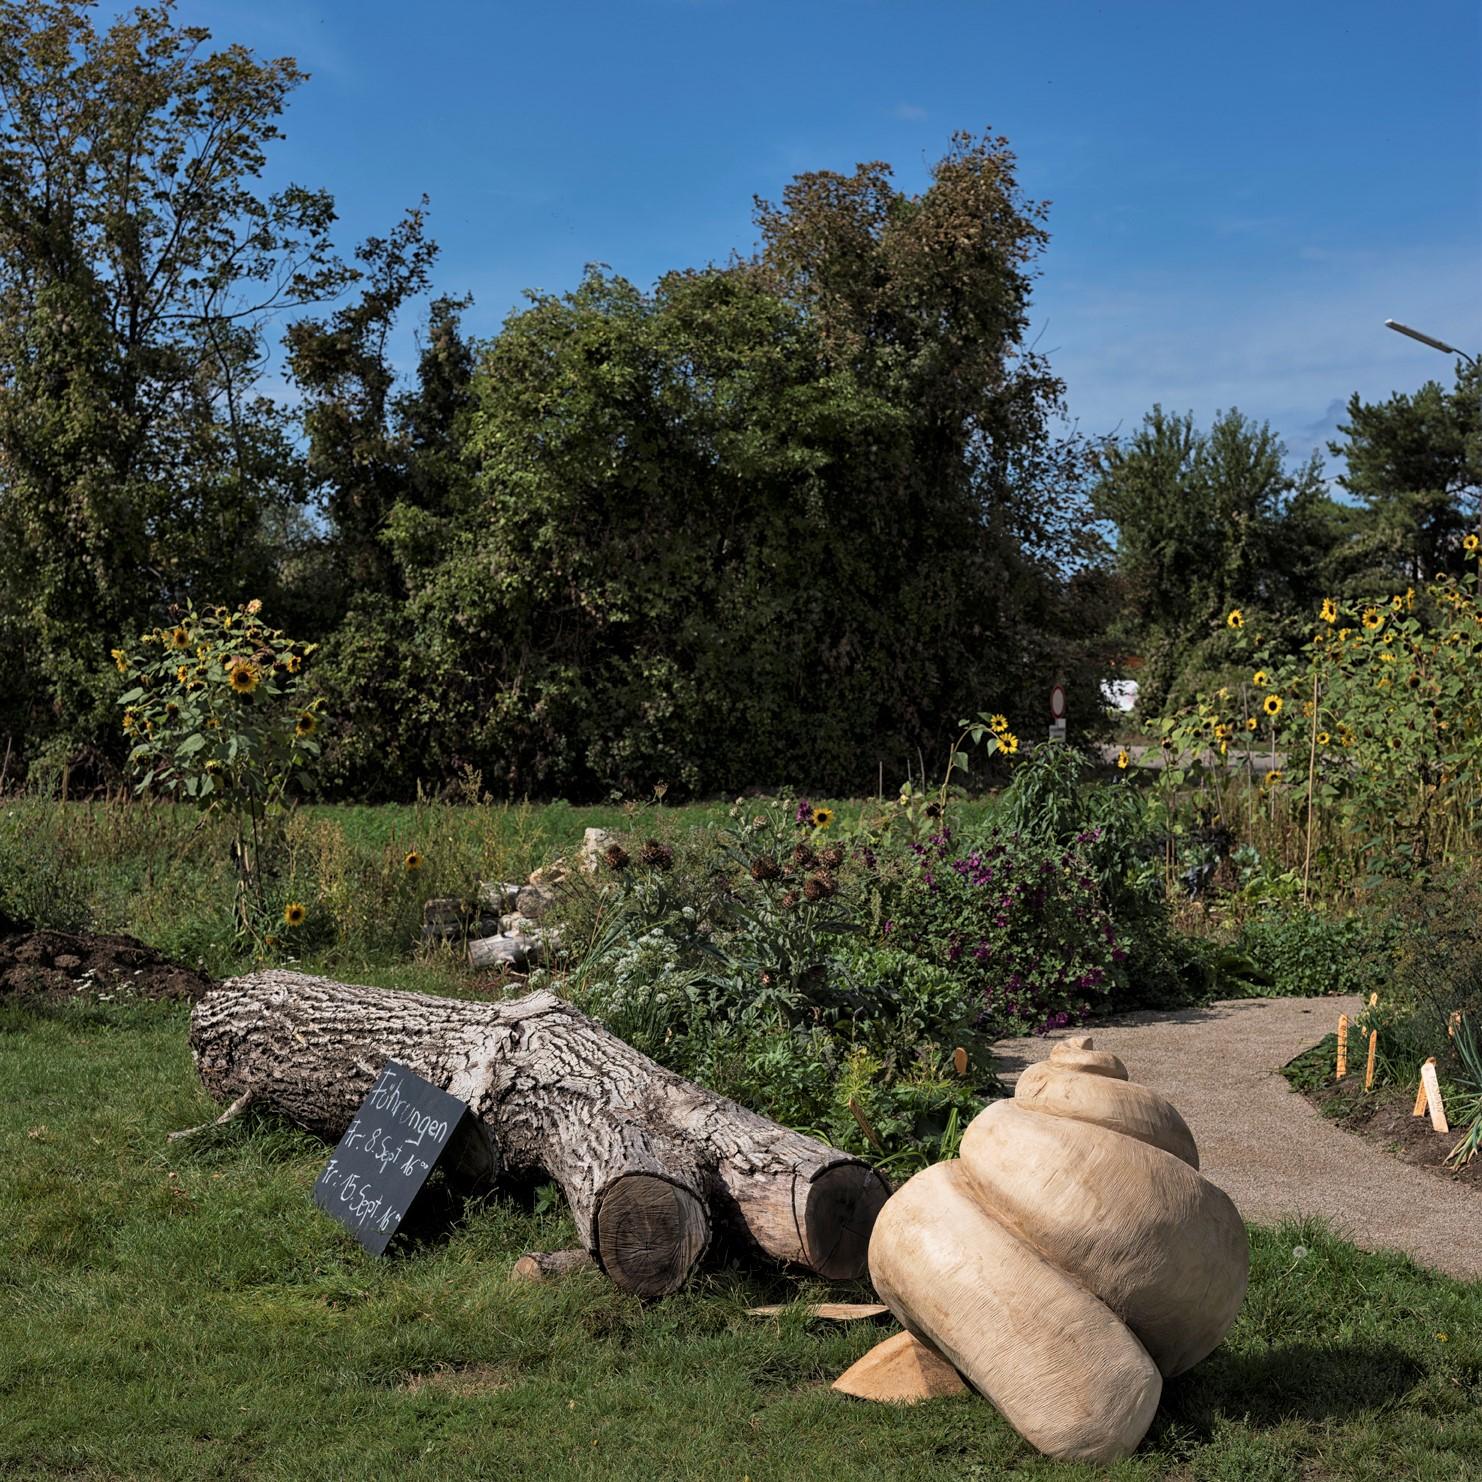 Nachhaltig Permakultur Waldgarten Kräutergarten für Weinbergschnecken, Escargots auf der Stadtlandwirtschaft. Öko Innovation ist ein großes Anliegen. Ernährungskonzepte entwickeln, die durch hohe Umweltverträglichkeit auszeichnet sind. Entwicklungsprozess und Teil unserer Unternehmenskultur im Lebensmittelmanagement.